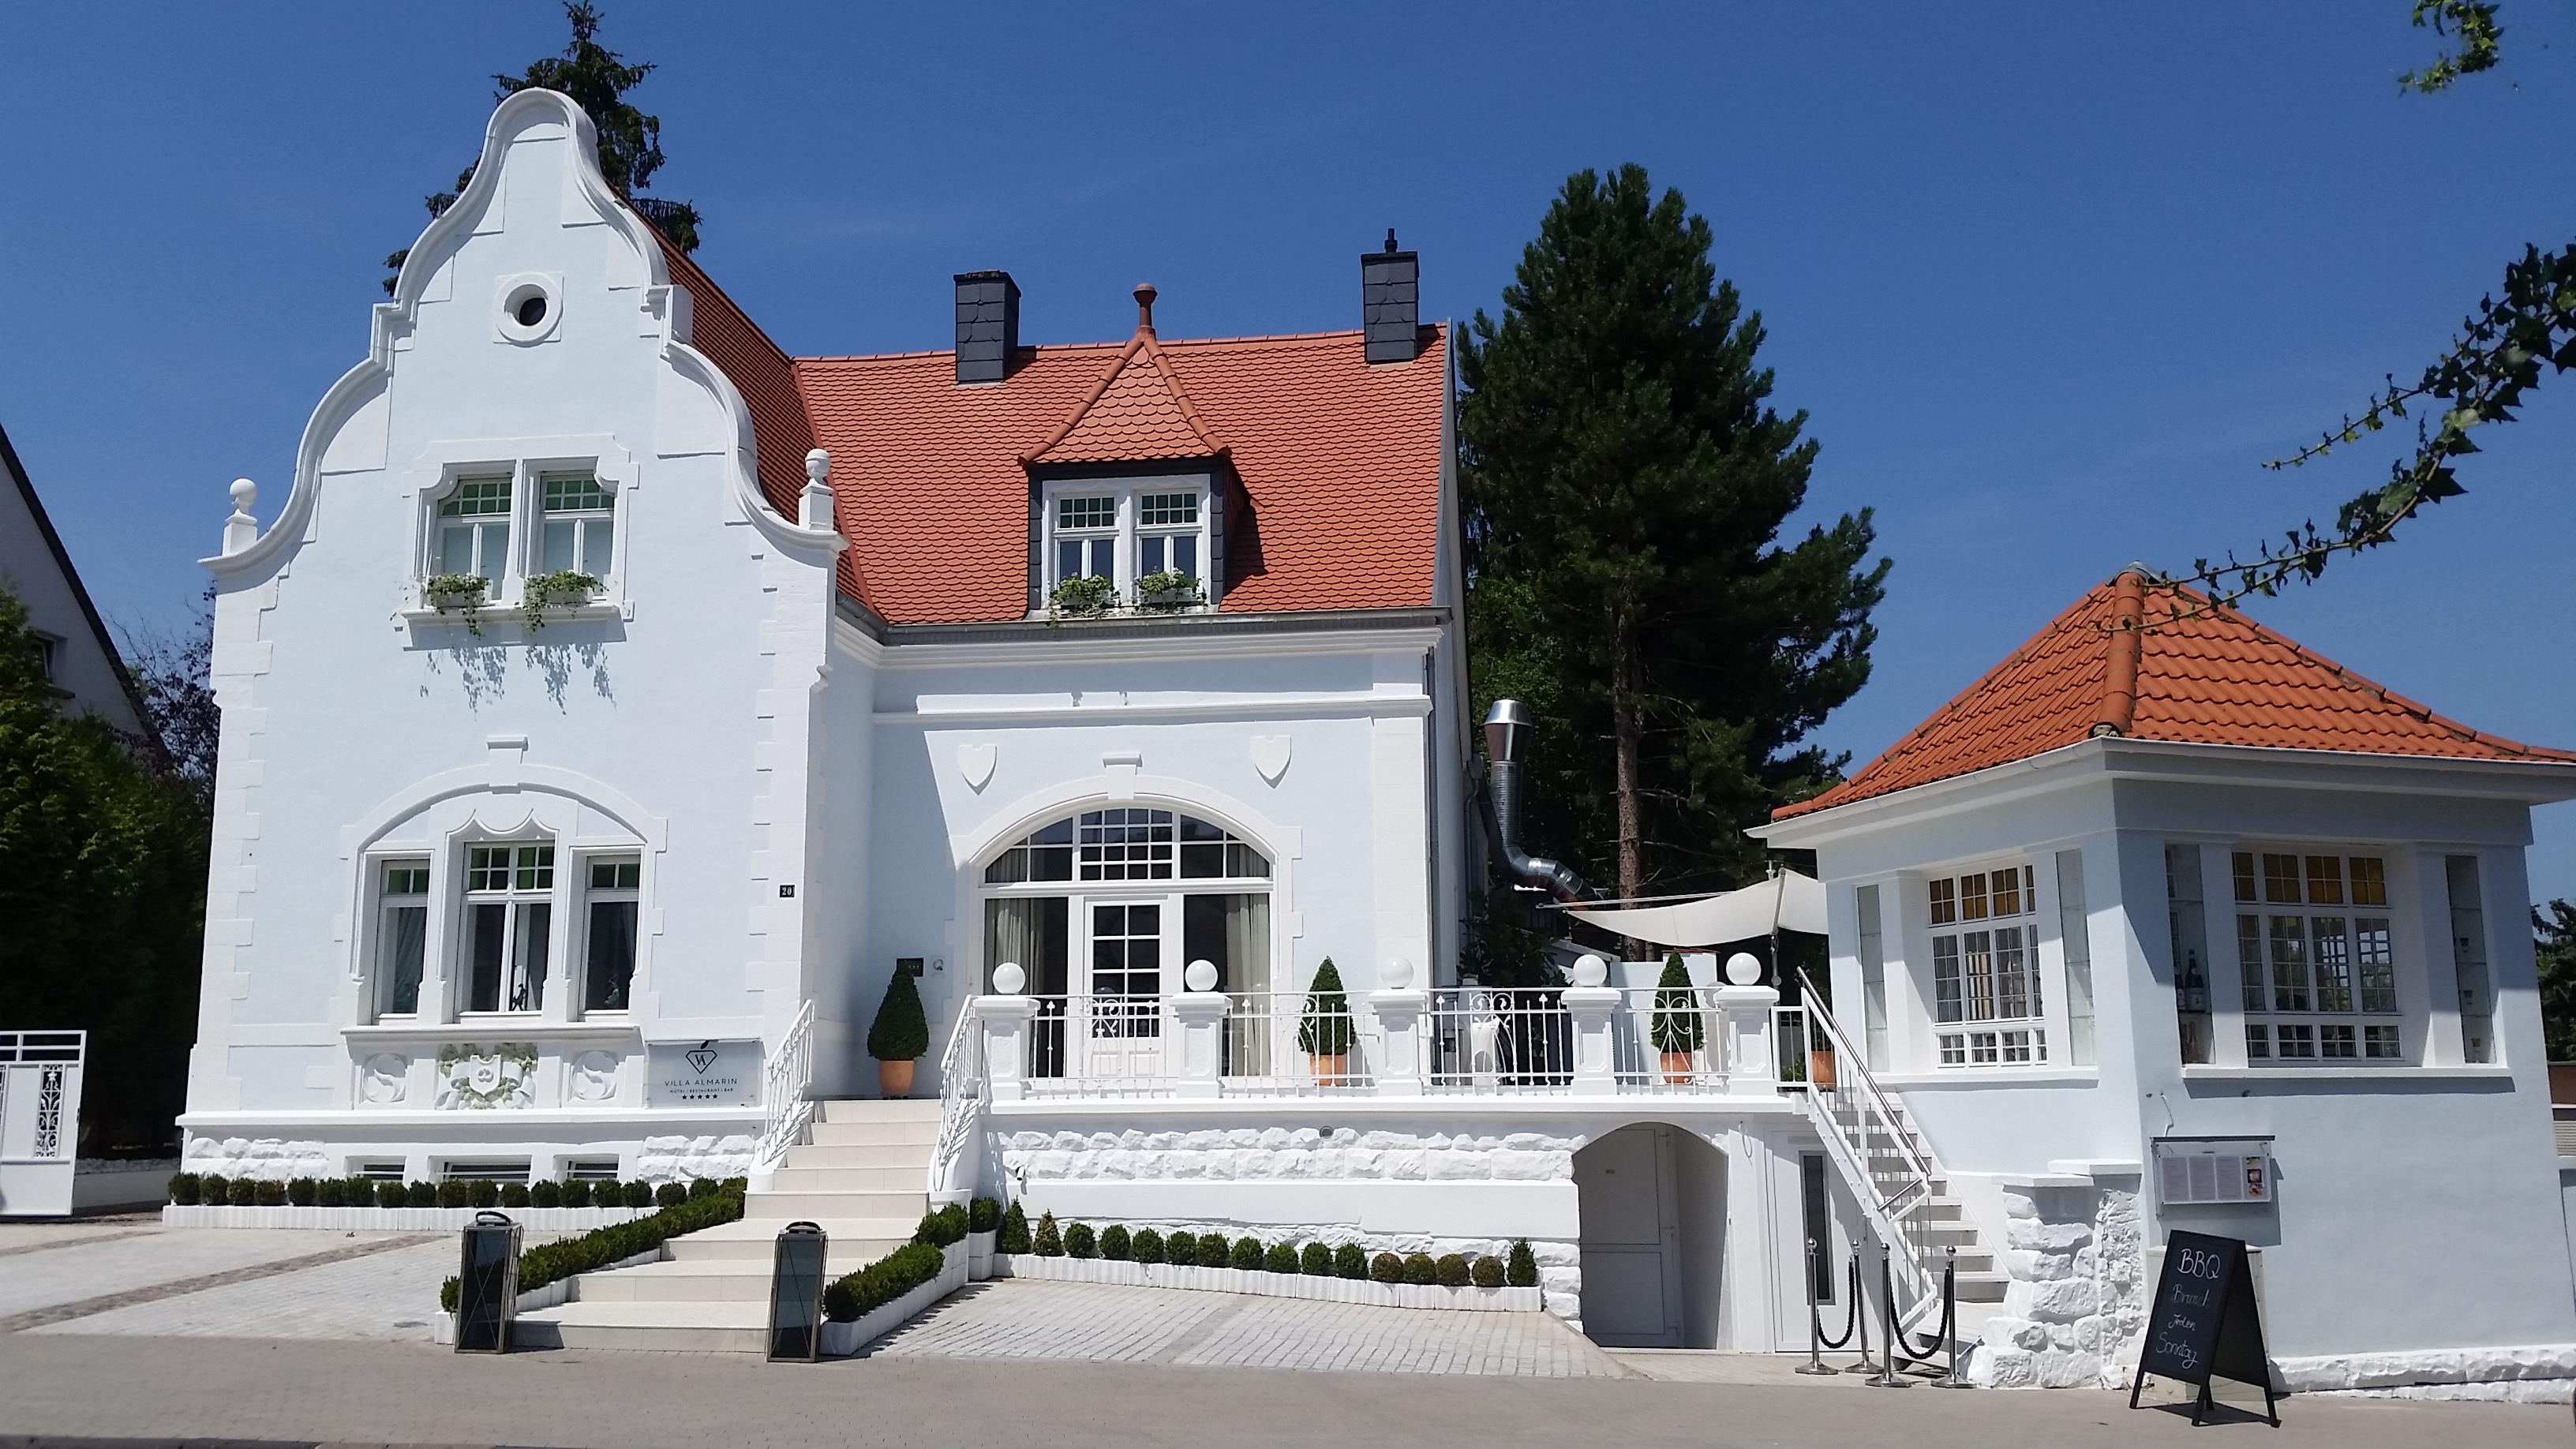 Villa almarin erstes design boutique hotel im saarland for Design boutique hotel kurhaus salinenparc